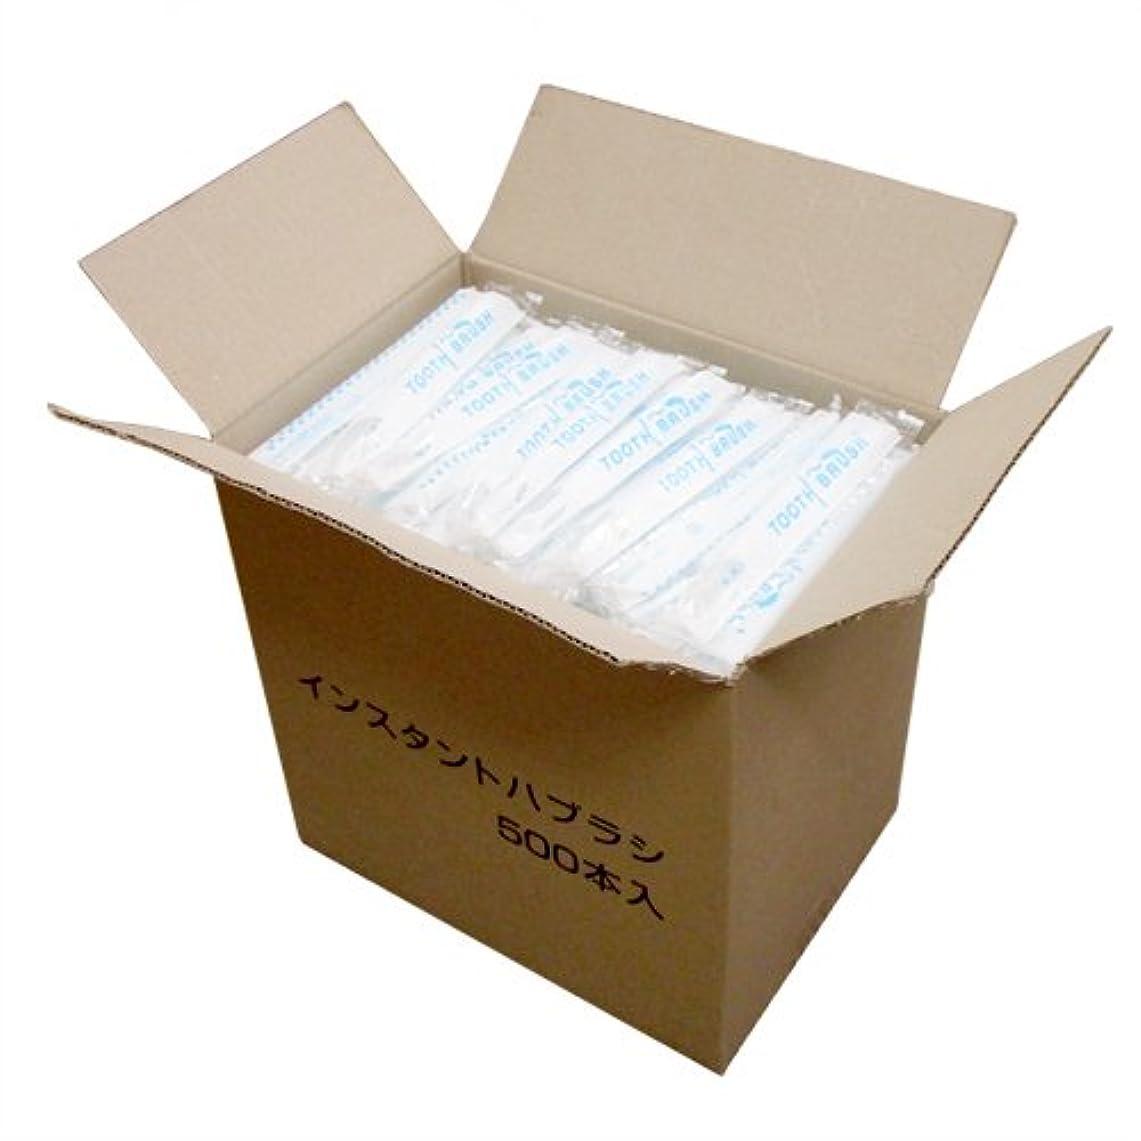 脱走雑草不規則な業務用 日本製 使い捨て粉付き歯ブラシ 個包装タイプ 500本入×1箱│ホテルアメニティ